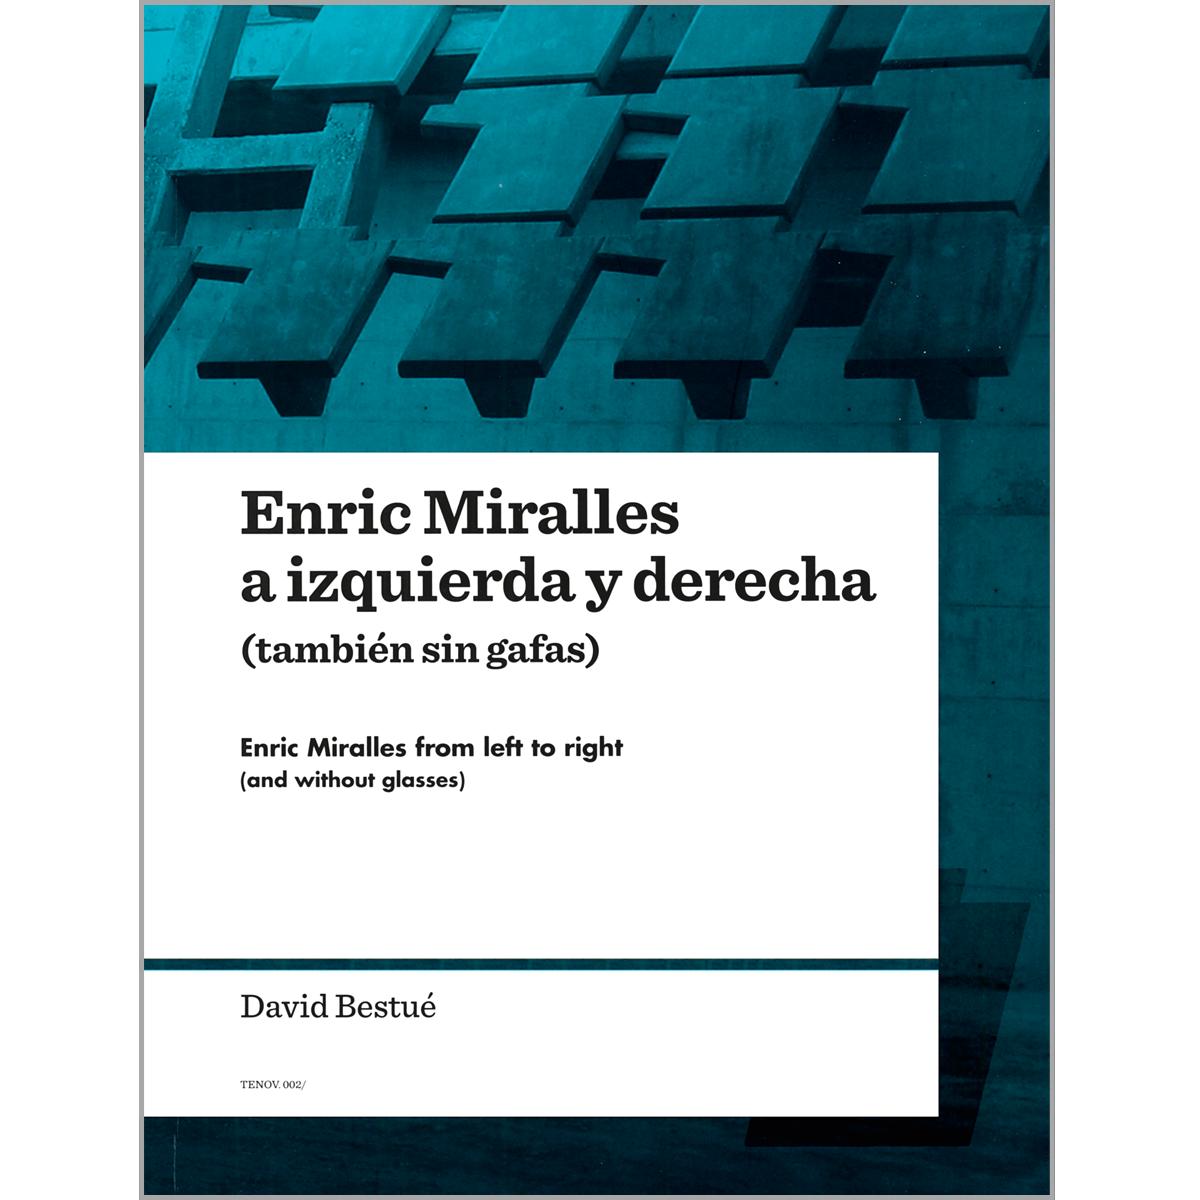 Enric Miralles a iquierda y derecha